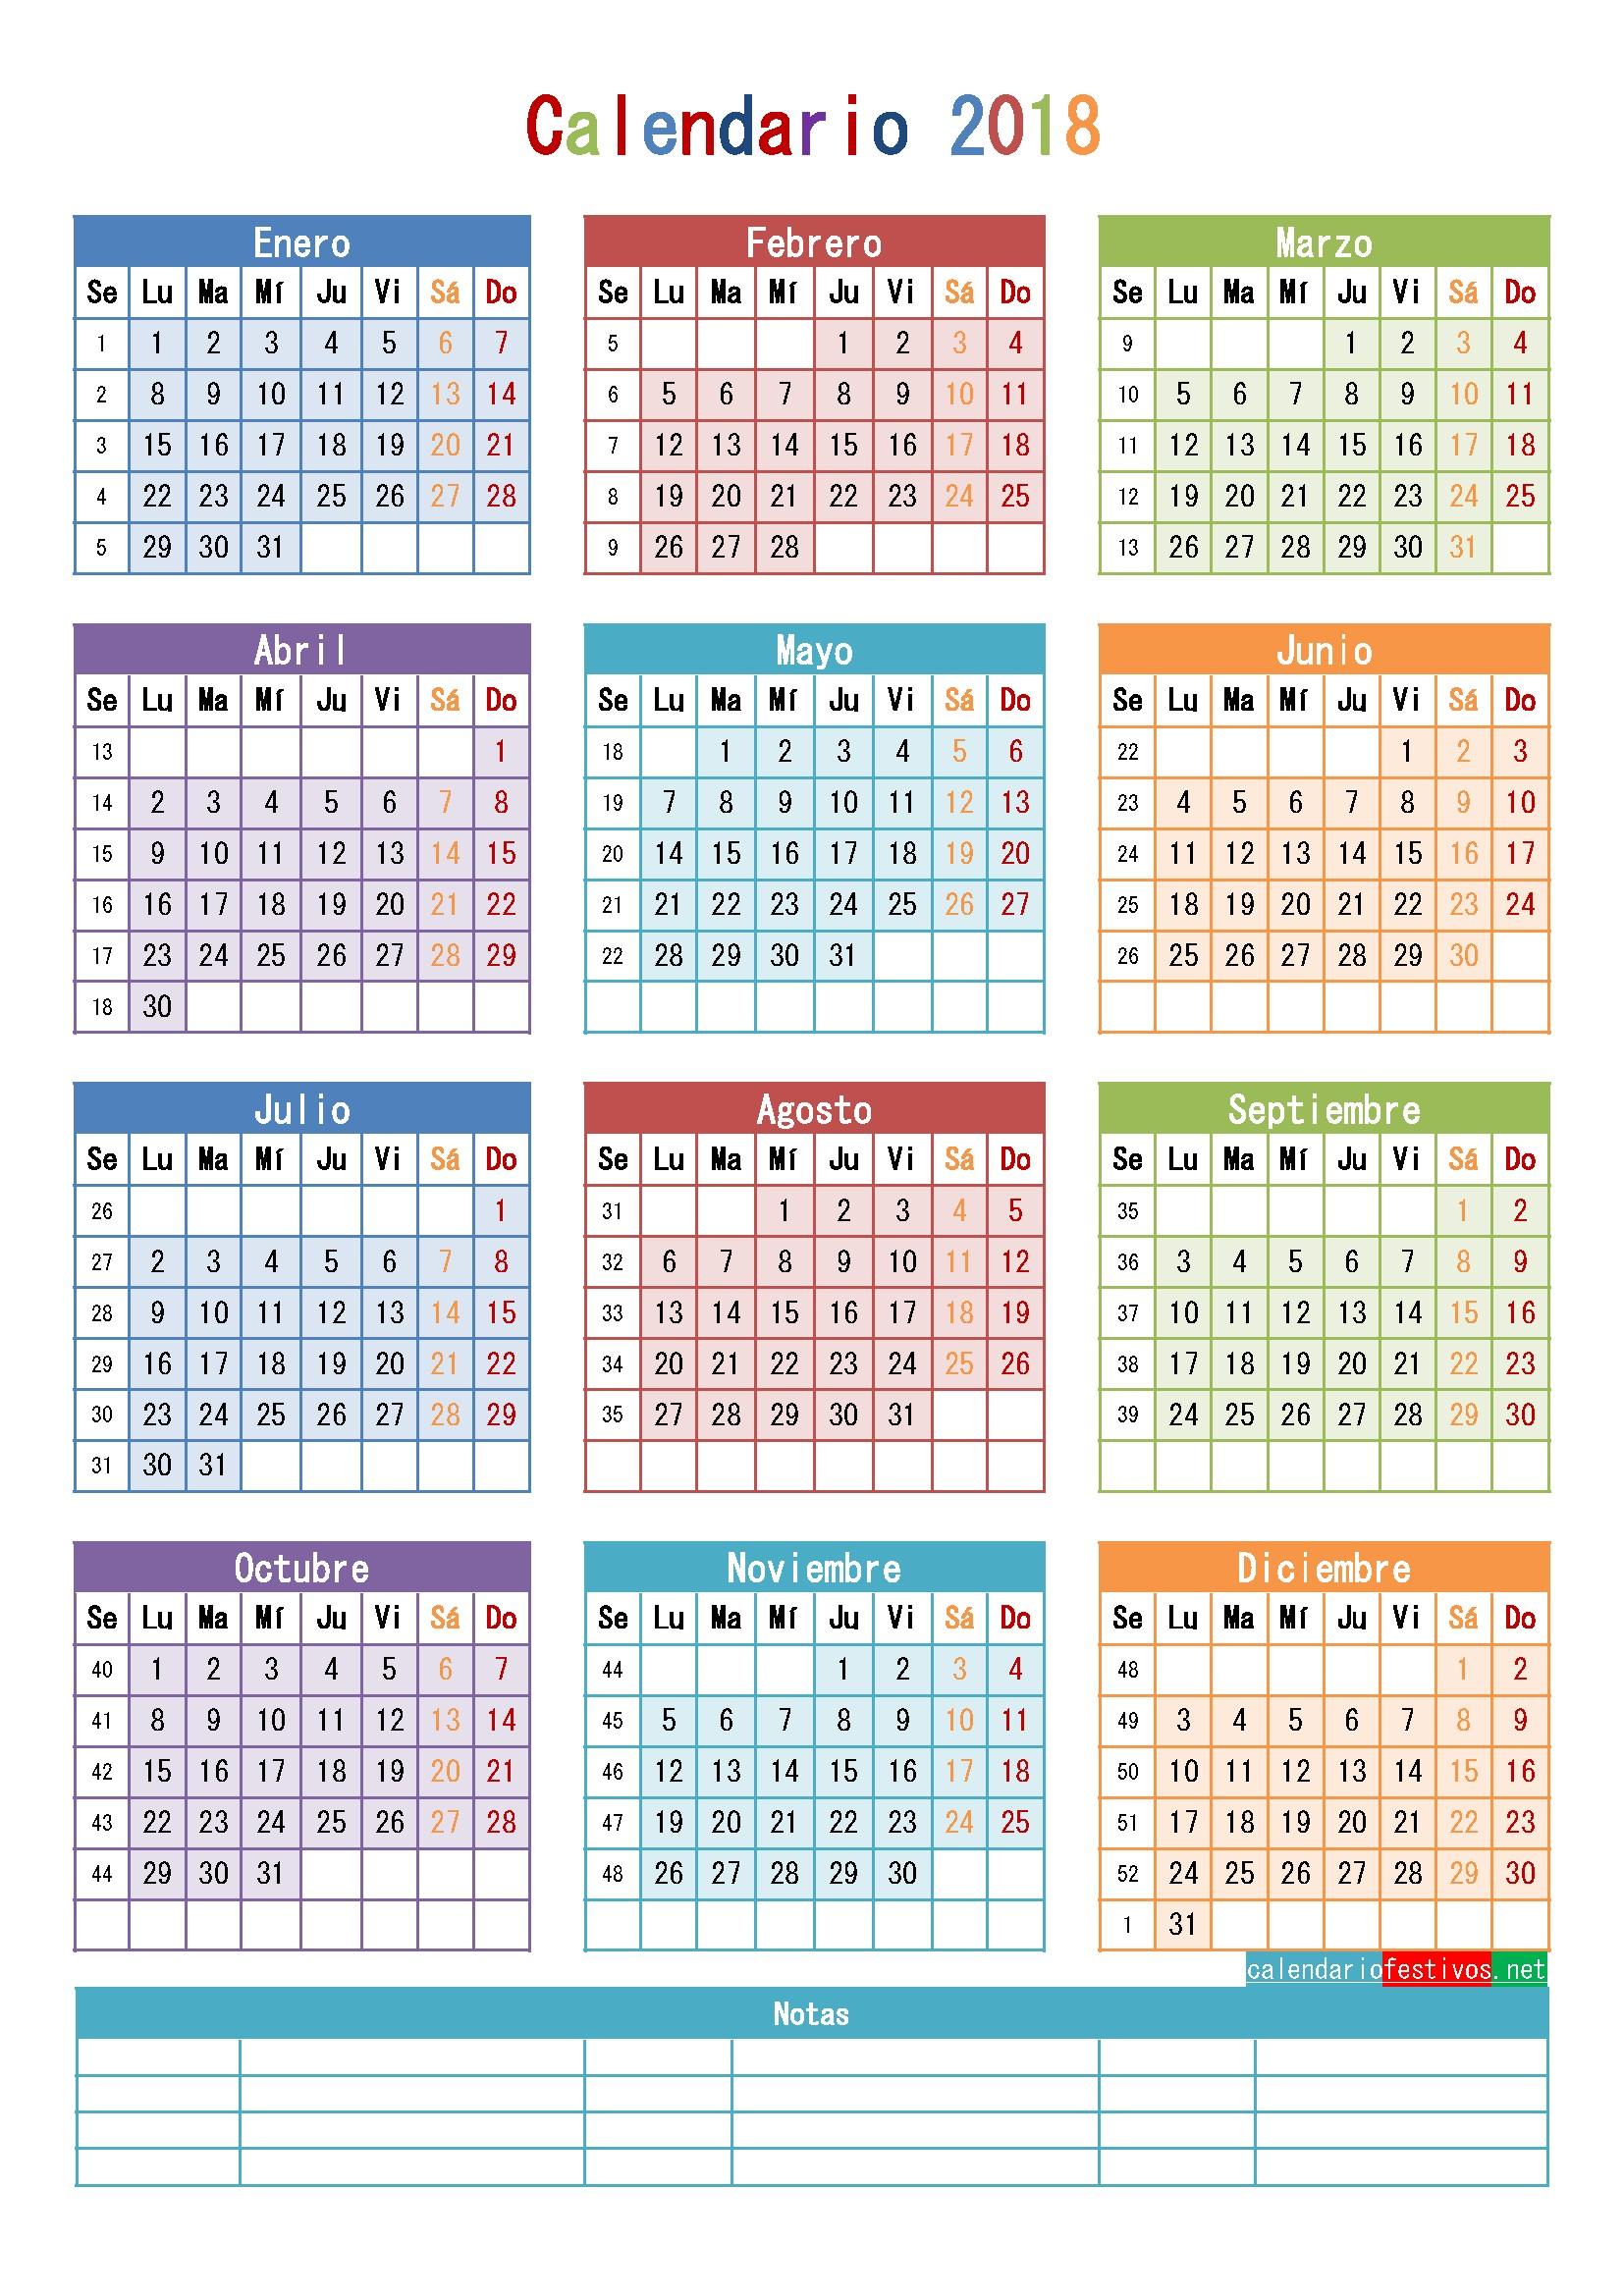 Calendario 2019 Argentina Para Imprimir Y Escribir Más Recientes Calendario 2018 Para Imprimir Anual Mensual Escolar Infantil Y